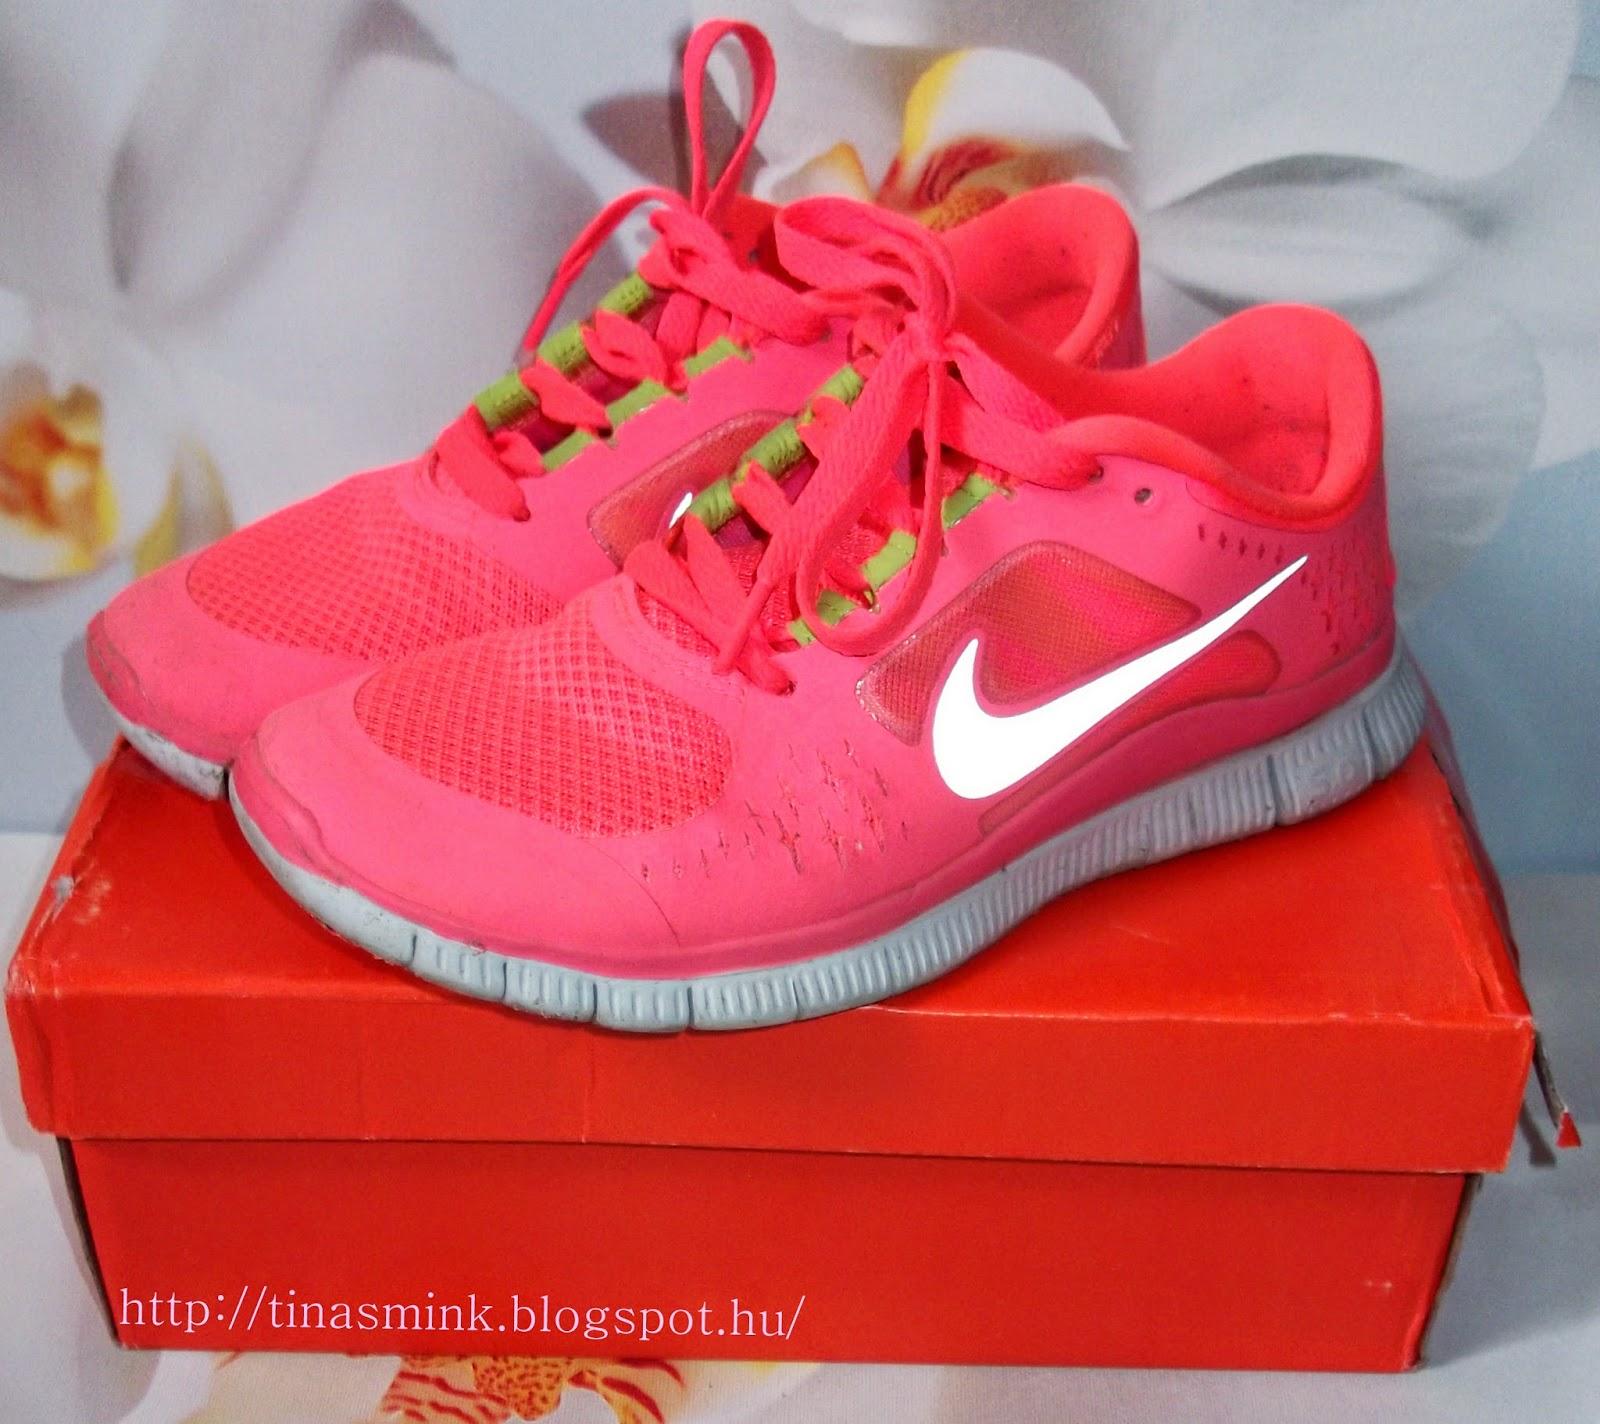 Évek óra szerettem volna venni egy ilyen cipőt ce81b01021